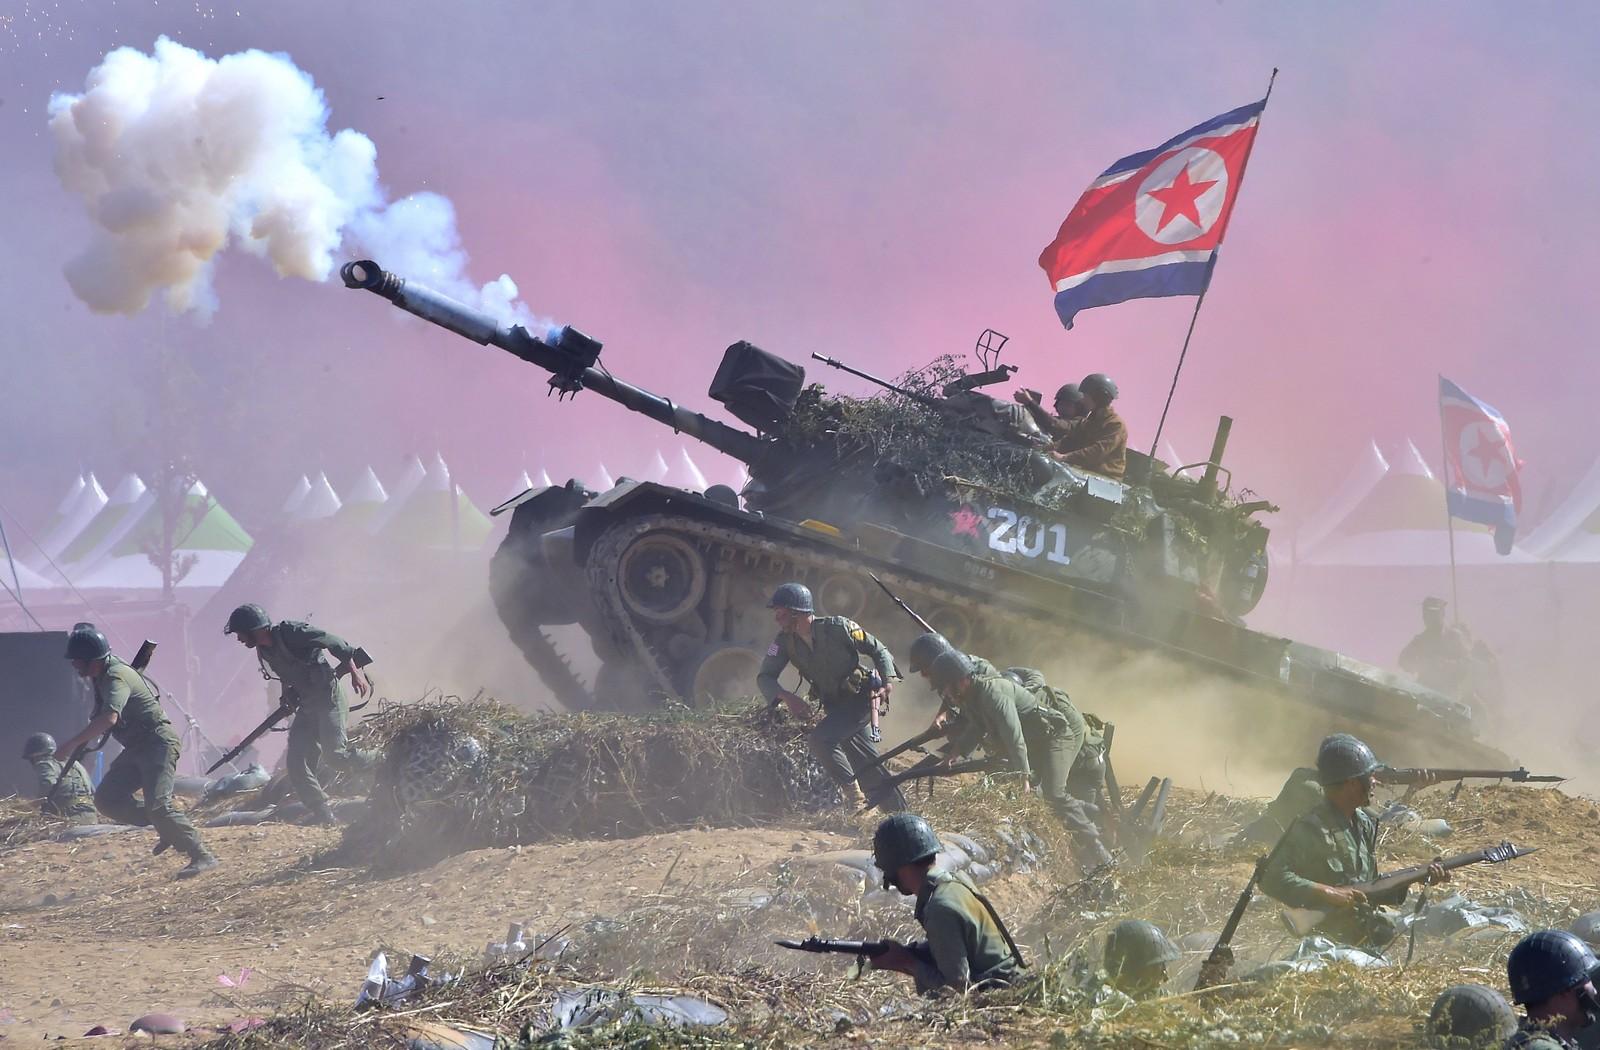 Sør-koreanske soldater spilte både seg selv og nord-koreanske styrker i en gjenskapning av slaget om Nakdong-elva, som fant sted i 1950.